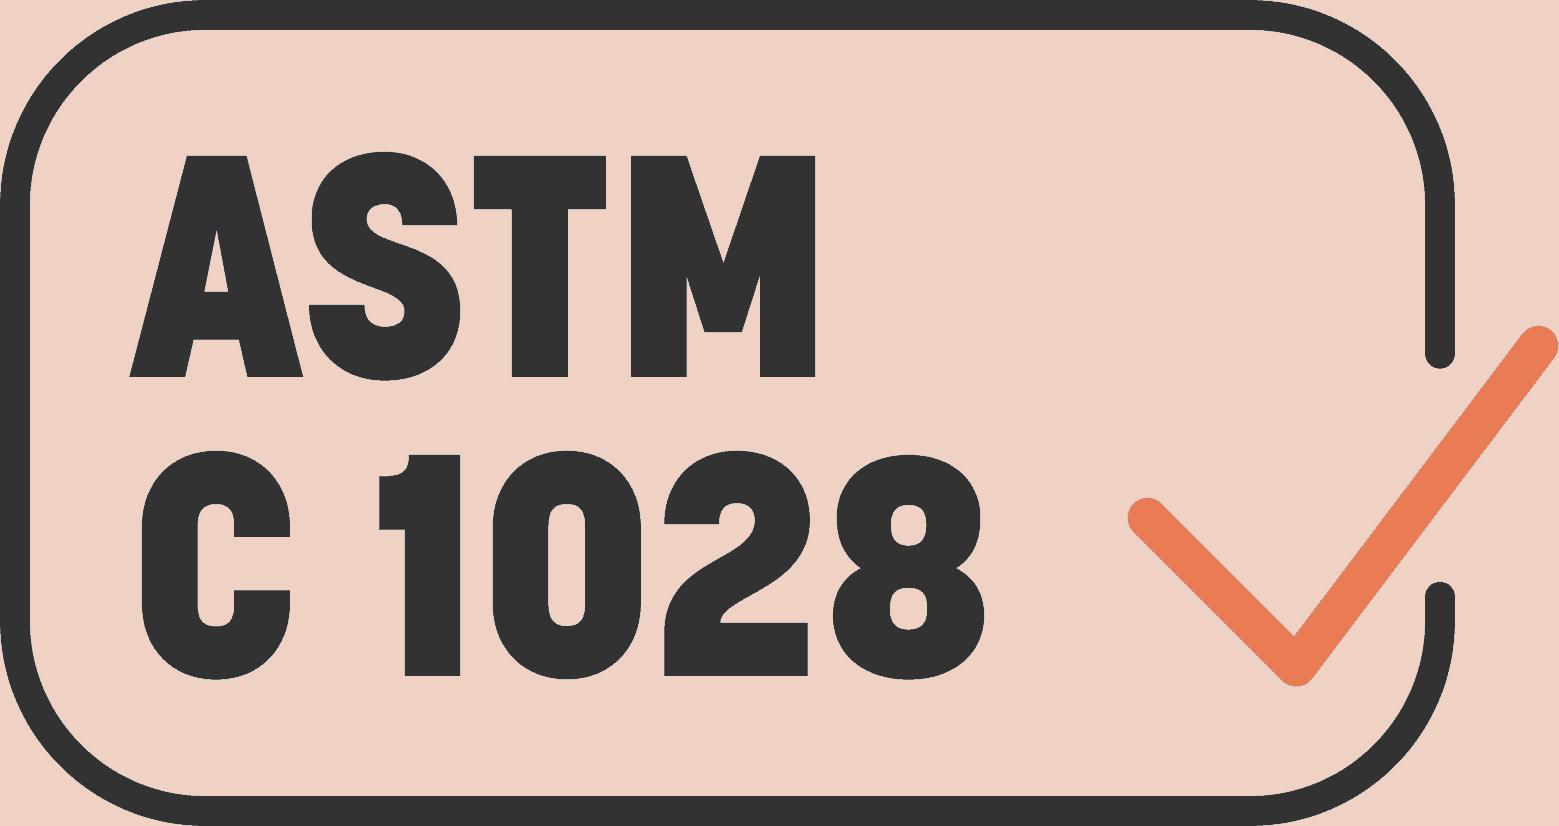 ASTM C 1028